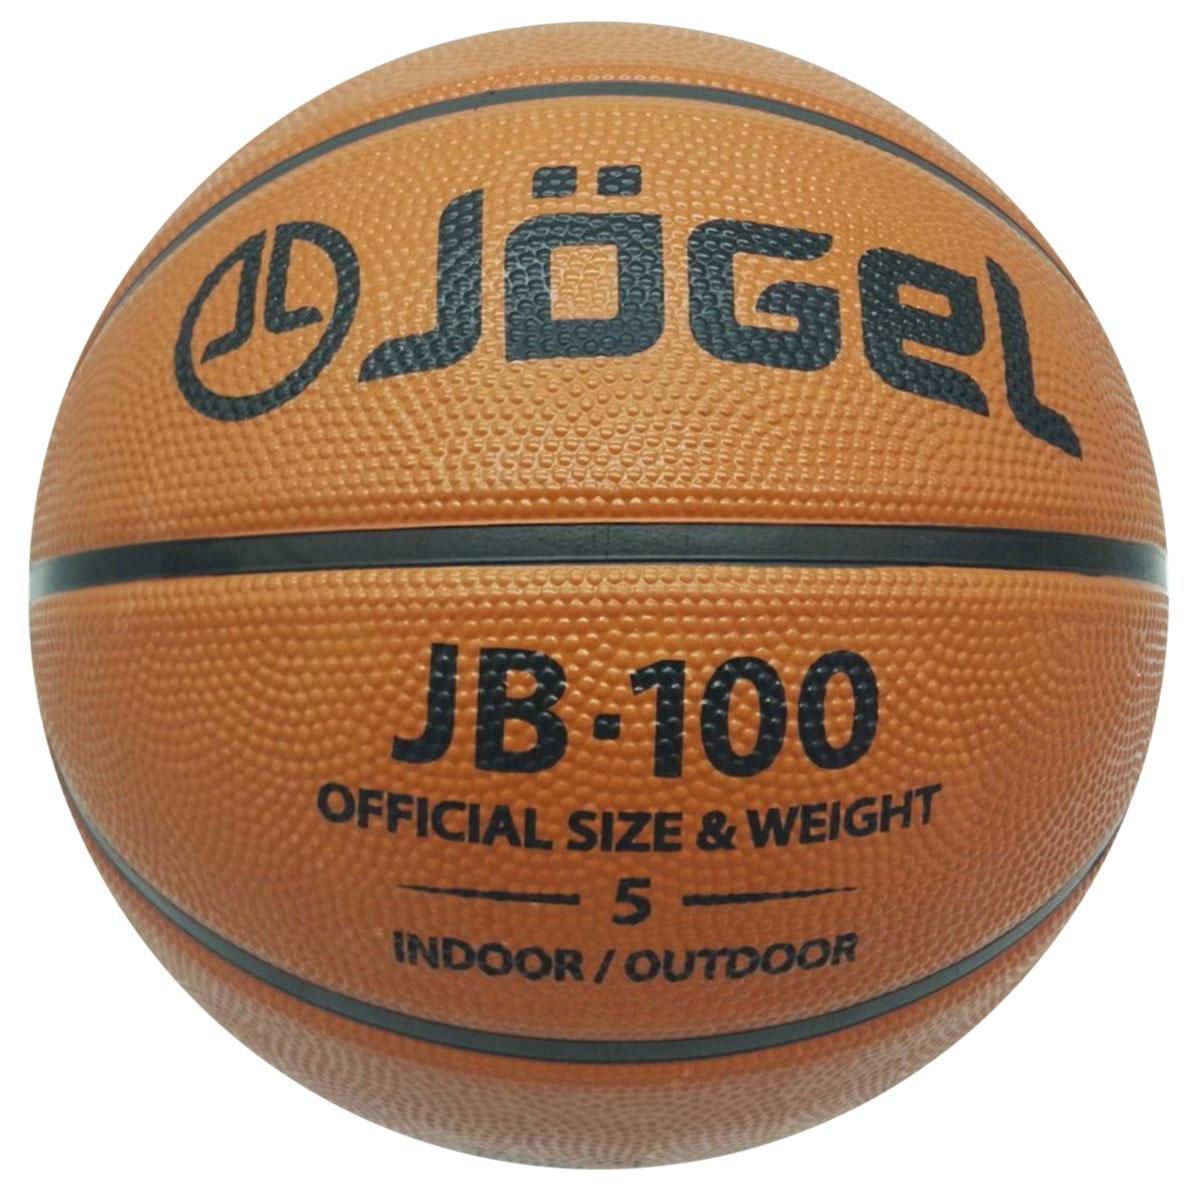 """Классический резиновый баскетбольный мяч """"Jogel"""" часто используется в уличном баскетболе, учебных заведениях и СДЮШ.Покрышка мяча выполнена из износостойкой резины, поэтому с мячом можно играть на любой поверхности, как в зале, так и на улице. В создании мячей используется технология DeepChannel (глубокие каналы), благодаря которой достигается отличный контроль мяча во время броска и дриблинга.Камера выполнена из бутила.Мяч баскетбольный рекомендован для любительской игры, тренировок команд среднего уровня и любительских команд.Вес: 470-510 гр.Длина окружности: 69-71 см.Рекомендованное давление: 0.5-0.6 бар.УВАЖАЕМЫЕ КЛИЕНТЫ!Обращаем ваше внимание на тот факт, что мяч поставляется в сдутом виде. Насос в комплект не входит."""